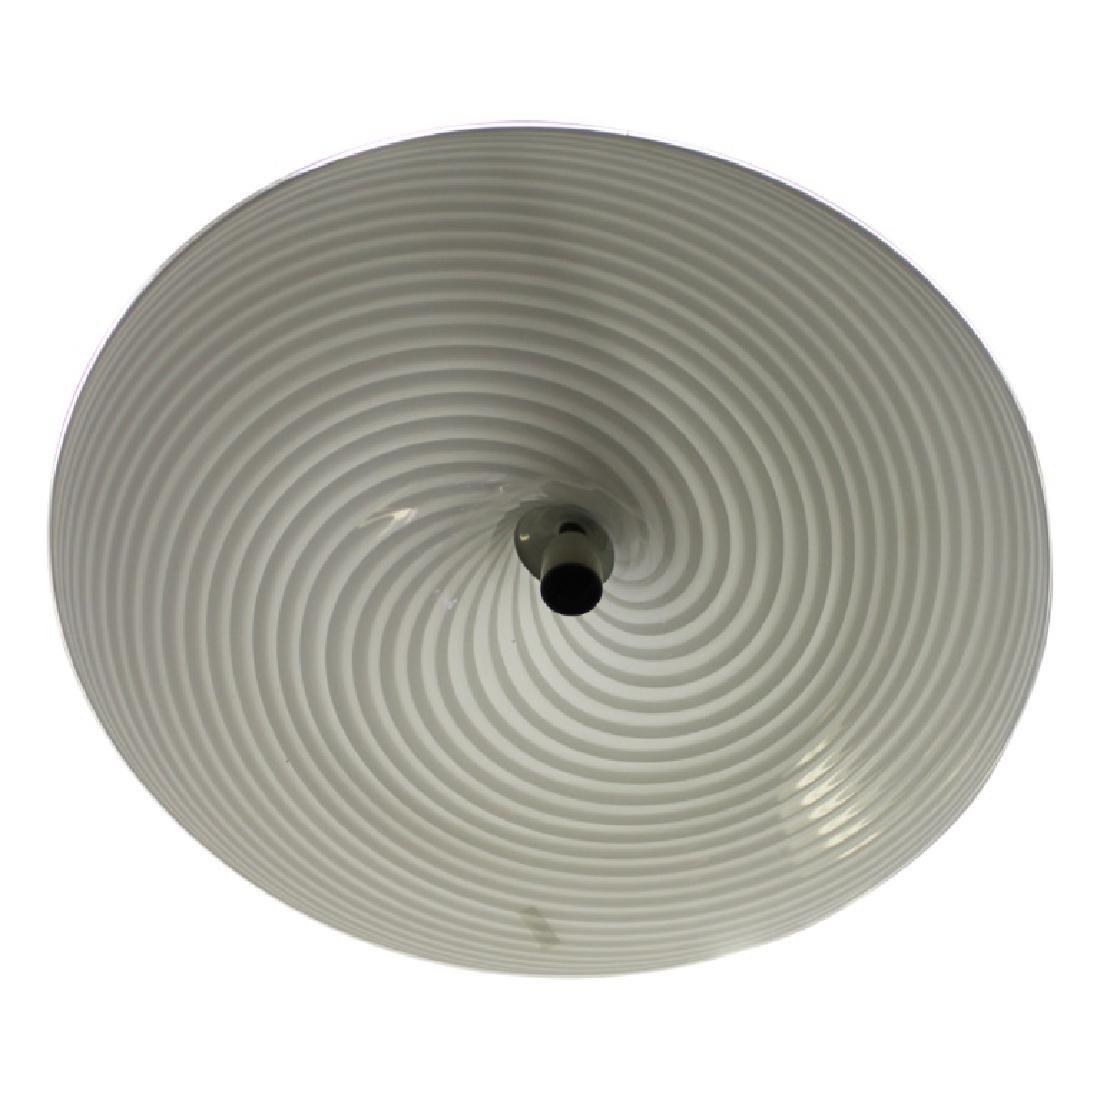 Murano Disk Chandelier